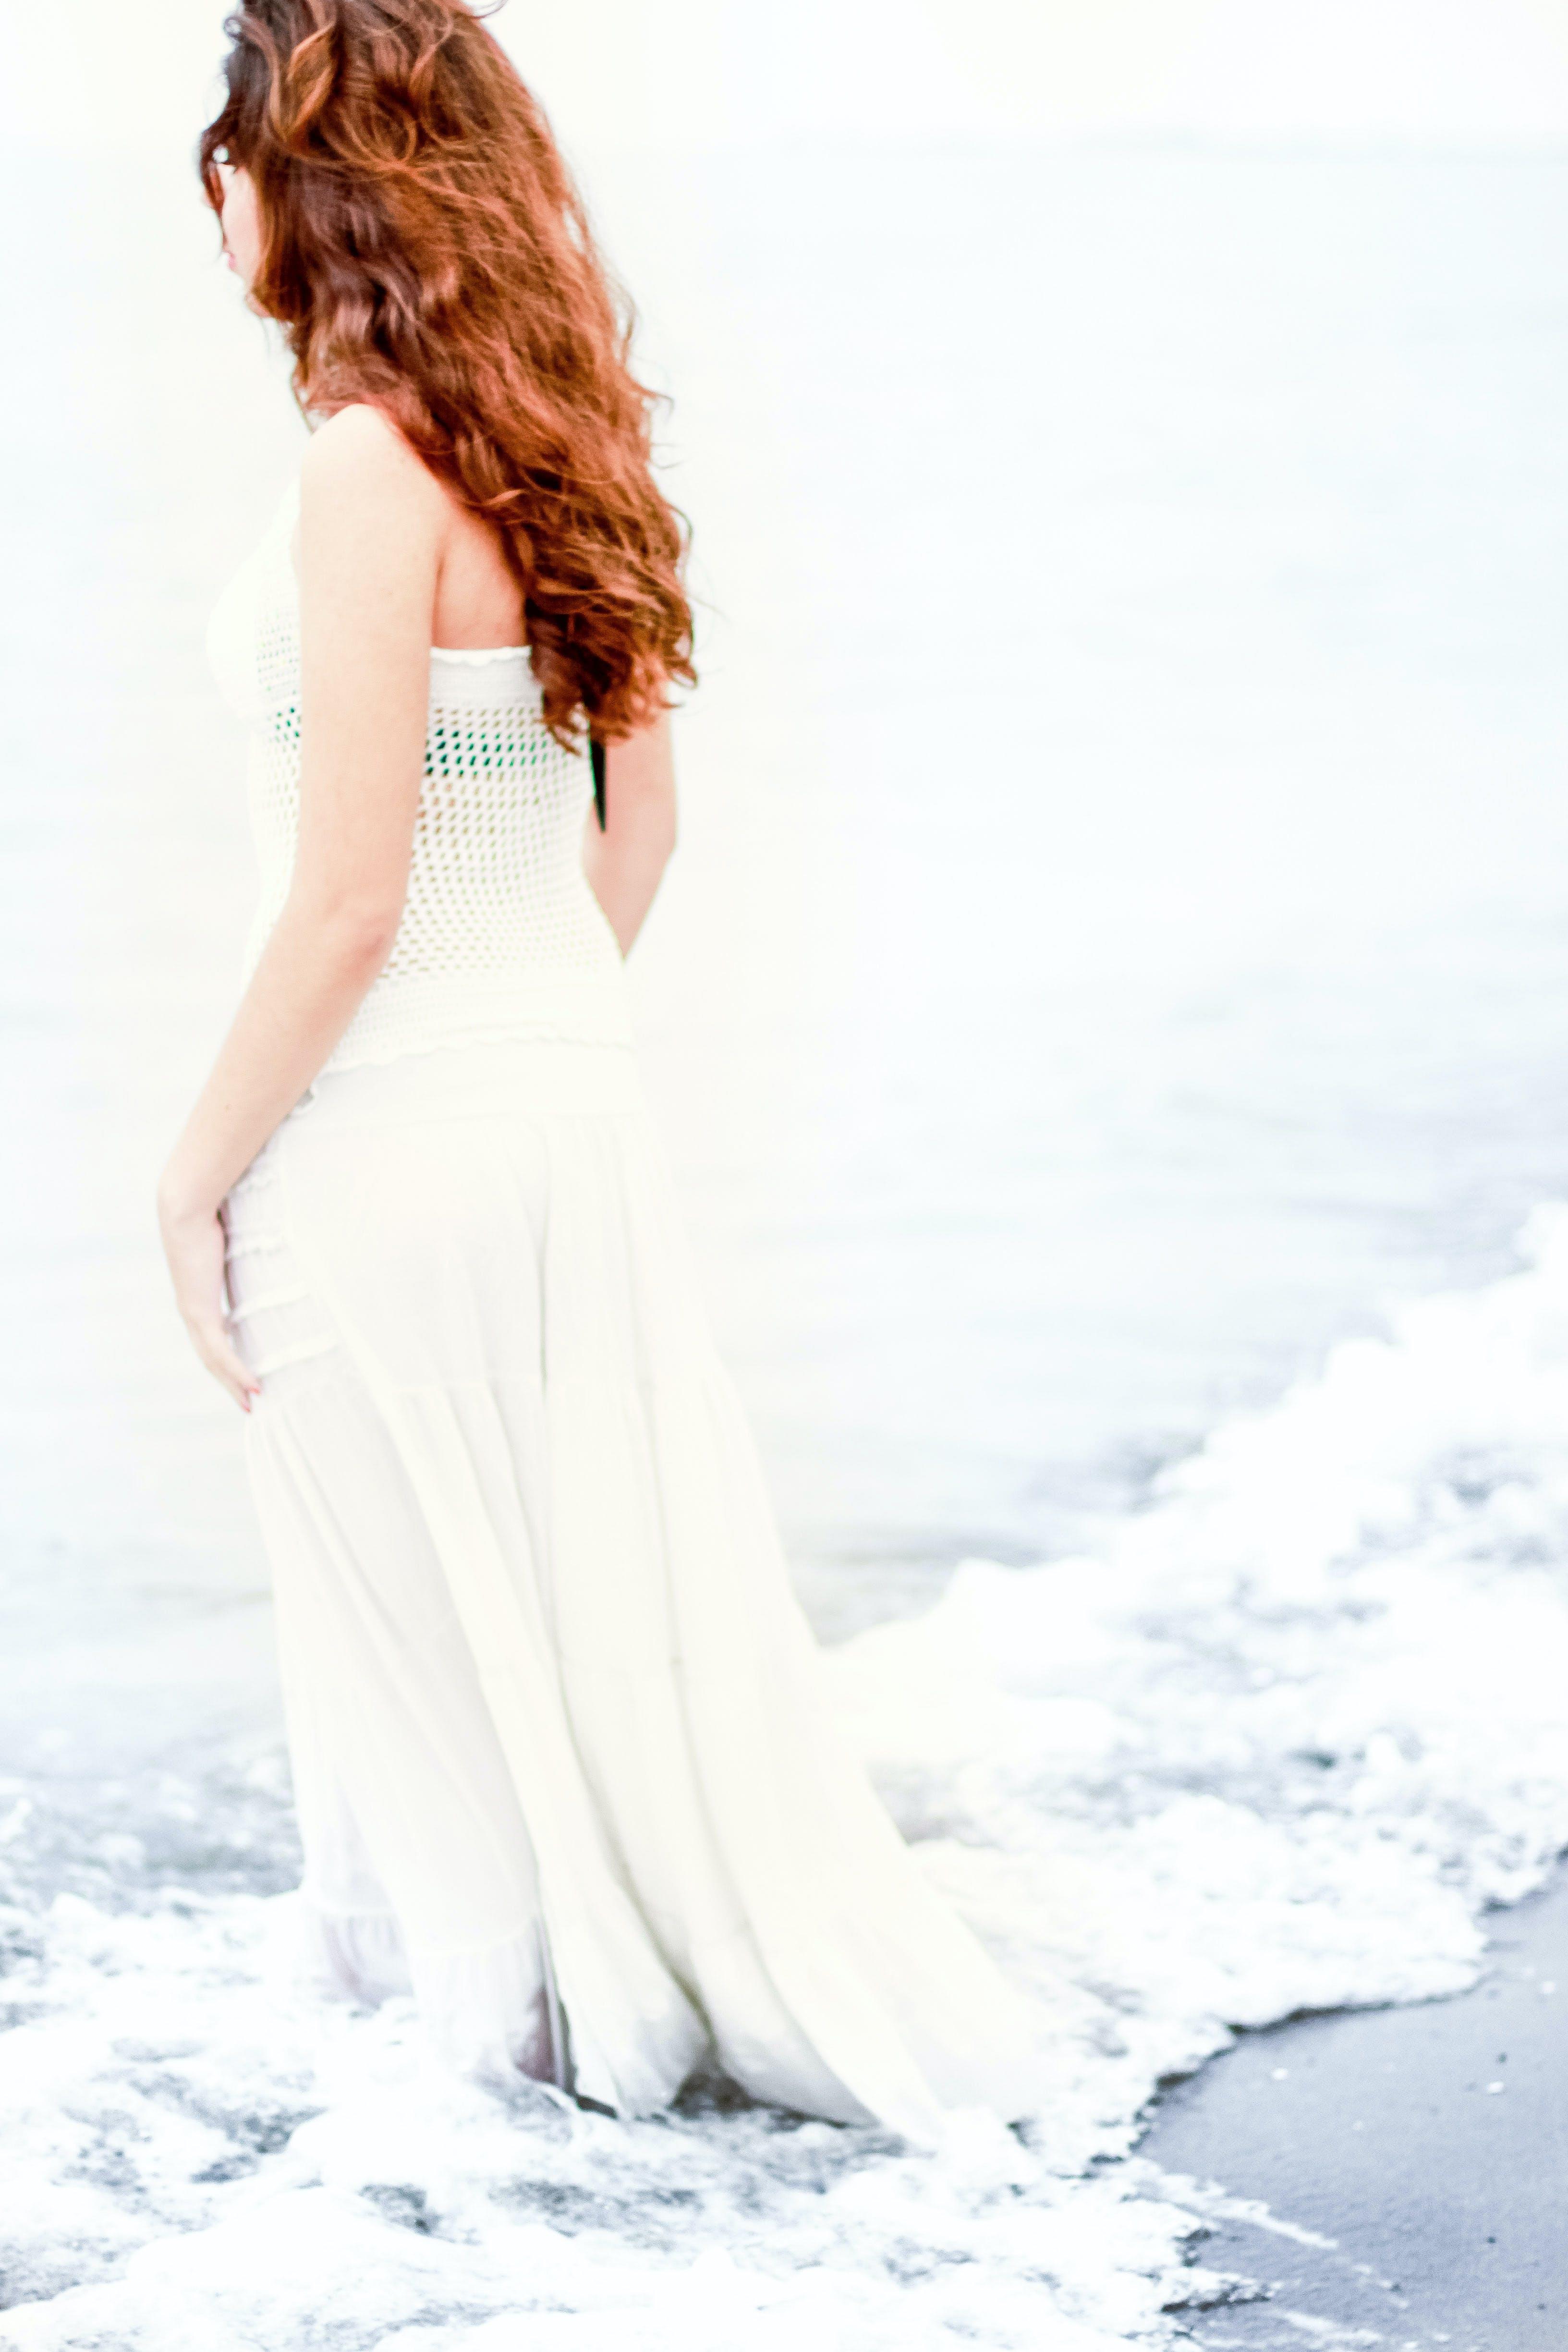 beach, female, model